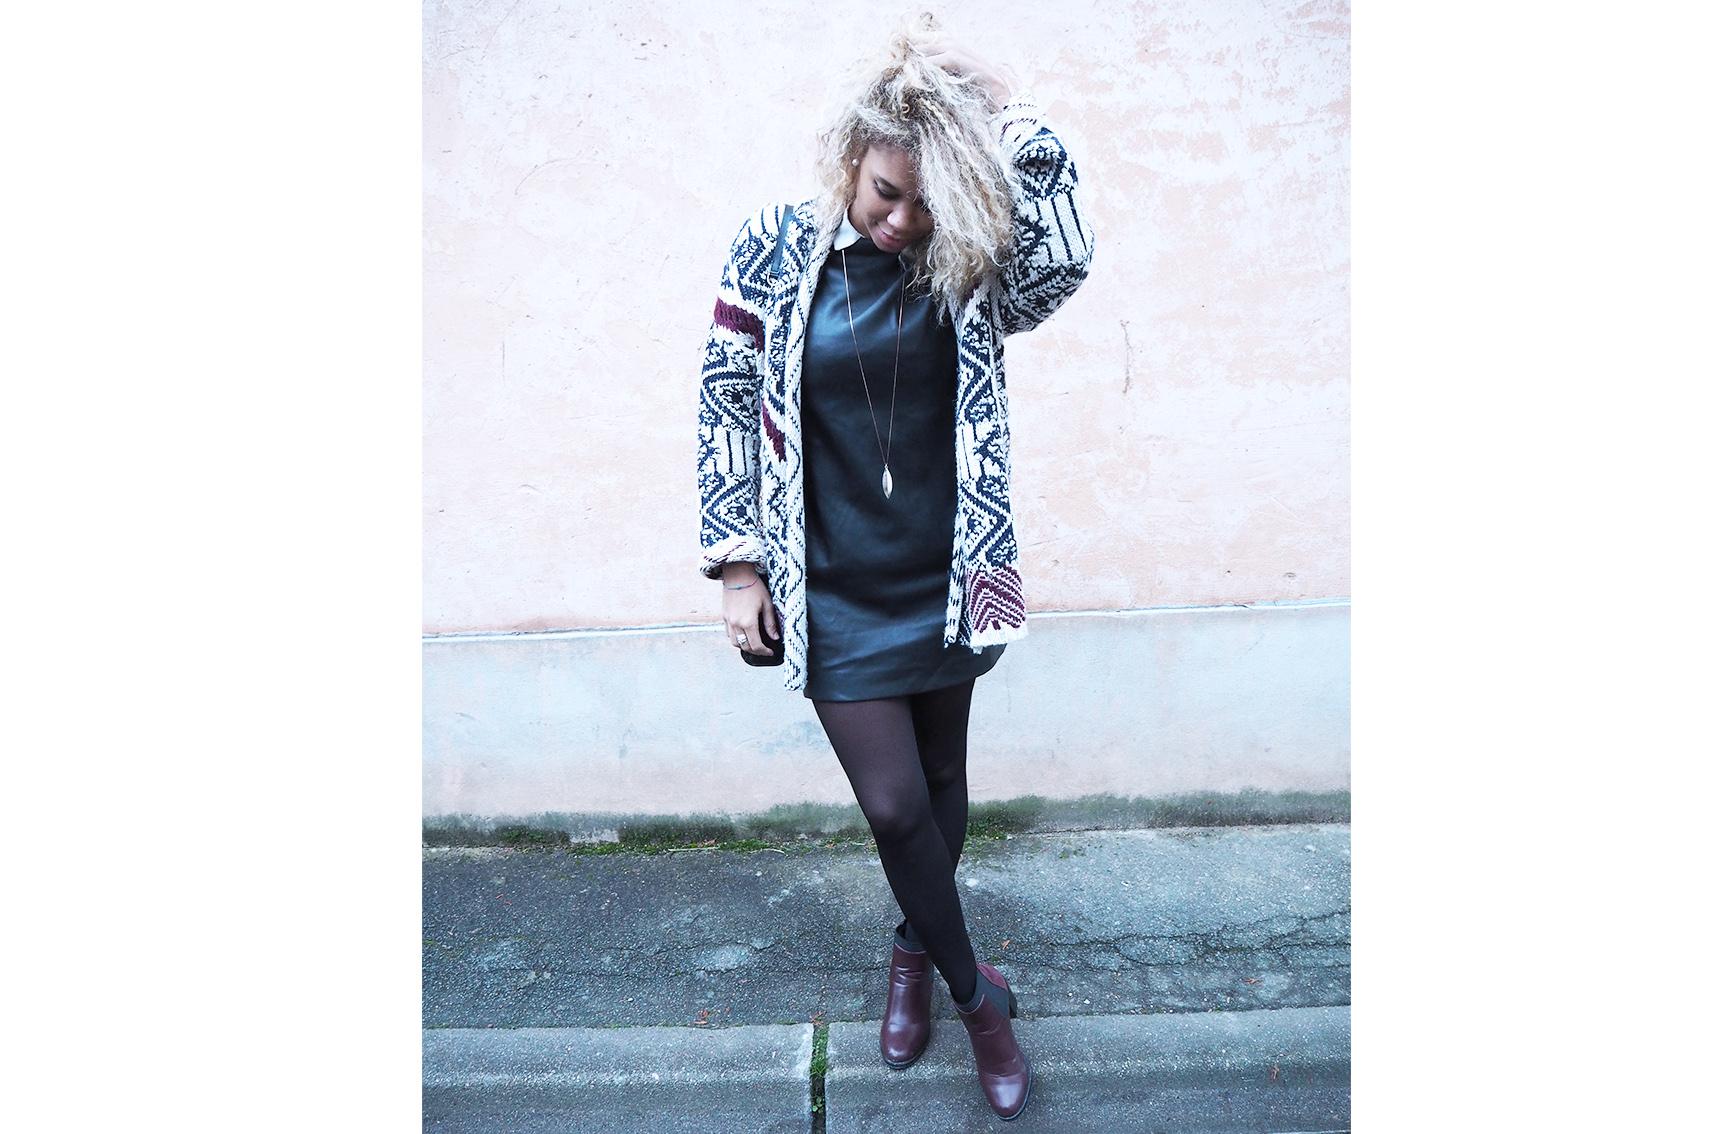 Bottines bordeaux à talon : comment s'habiller demain, look d'hiver